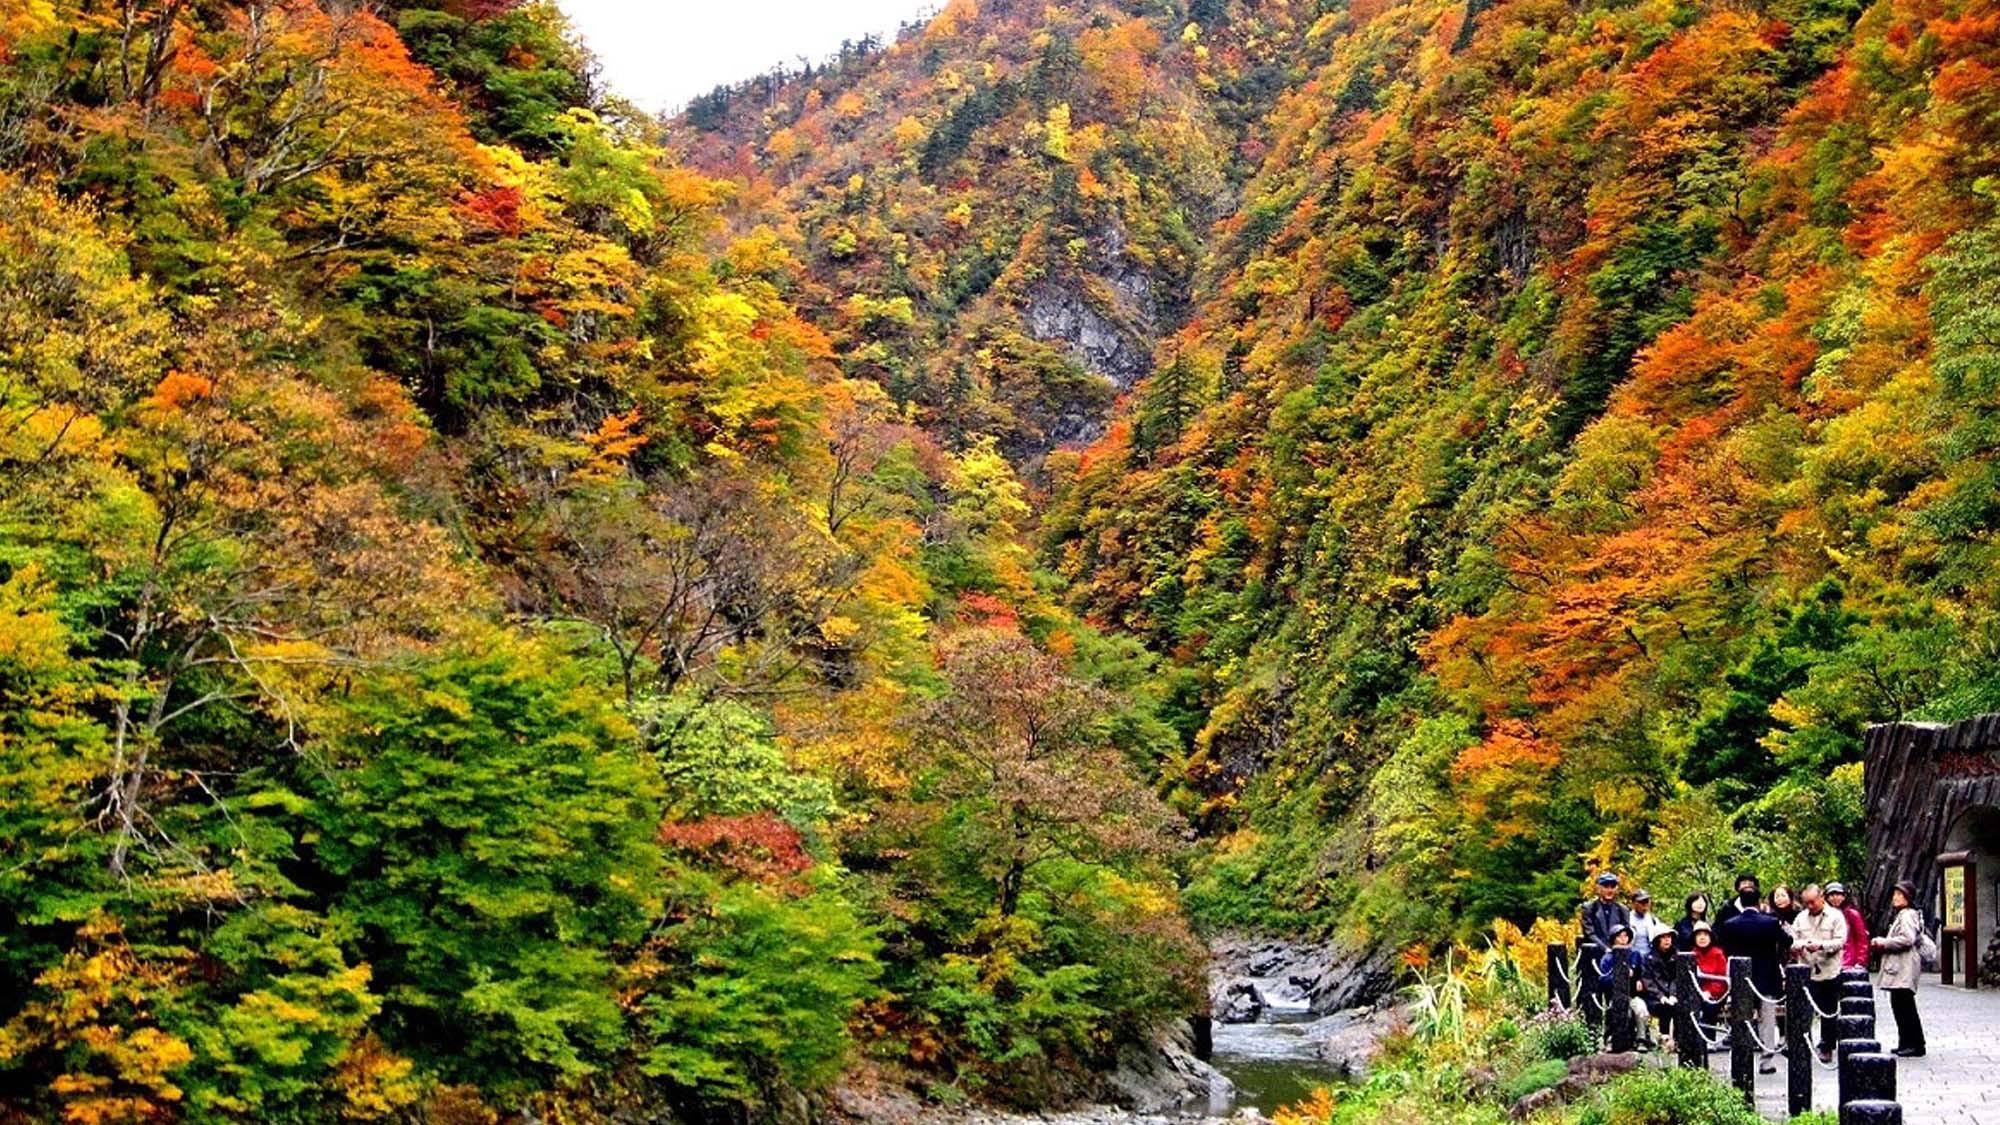 【清津峡・秋】壮大な三大渓谷清津峡、トンネル入口からの紅葉の景色は圧巻!